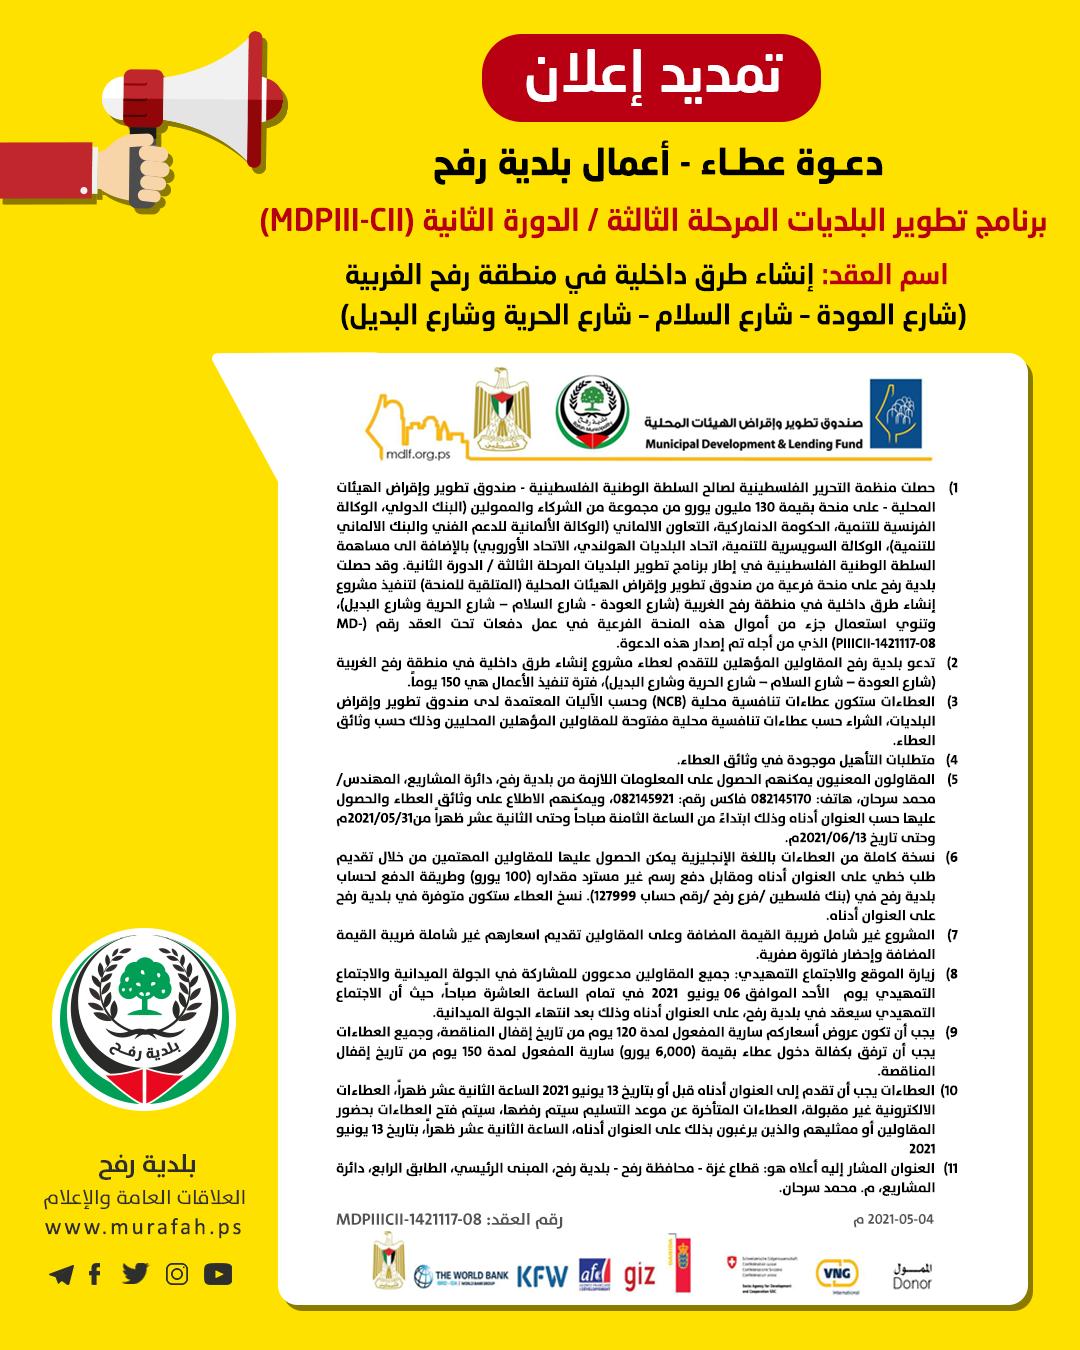 تمديد إعلان دعوة عطاء إنشاء طرق داخلية في منطقة رفح الغربية